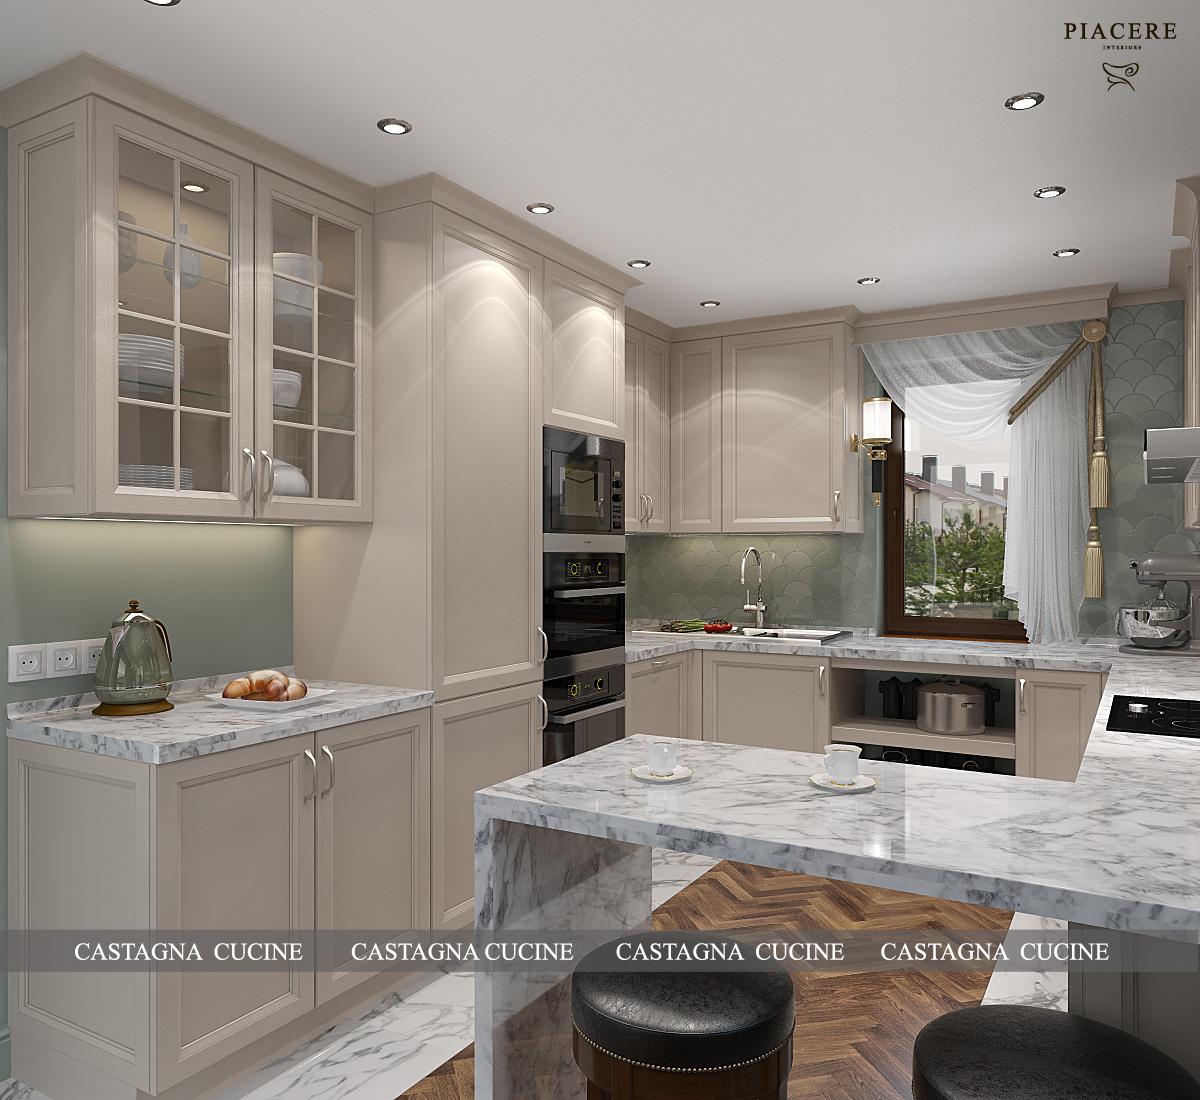 _SSCH2014_09_03_kitchen_v1_VRayPhysicalCamera001